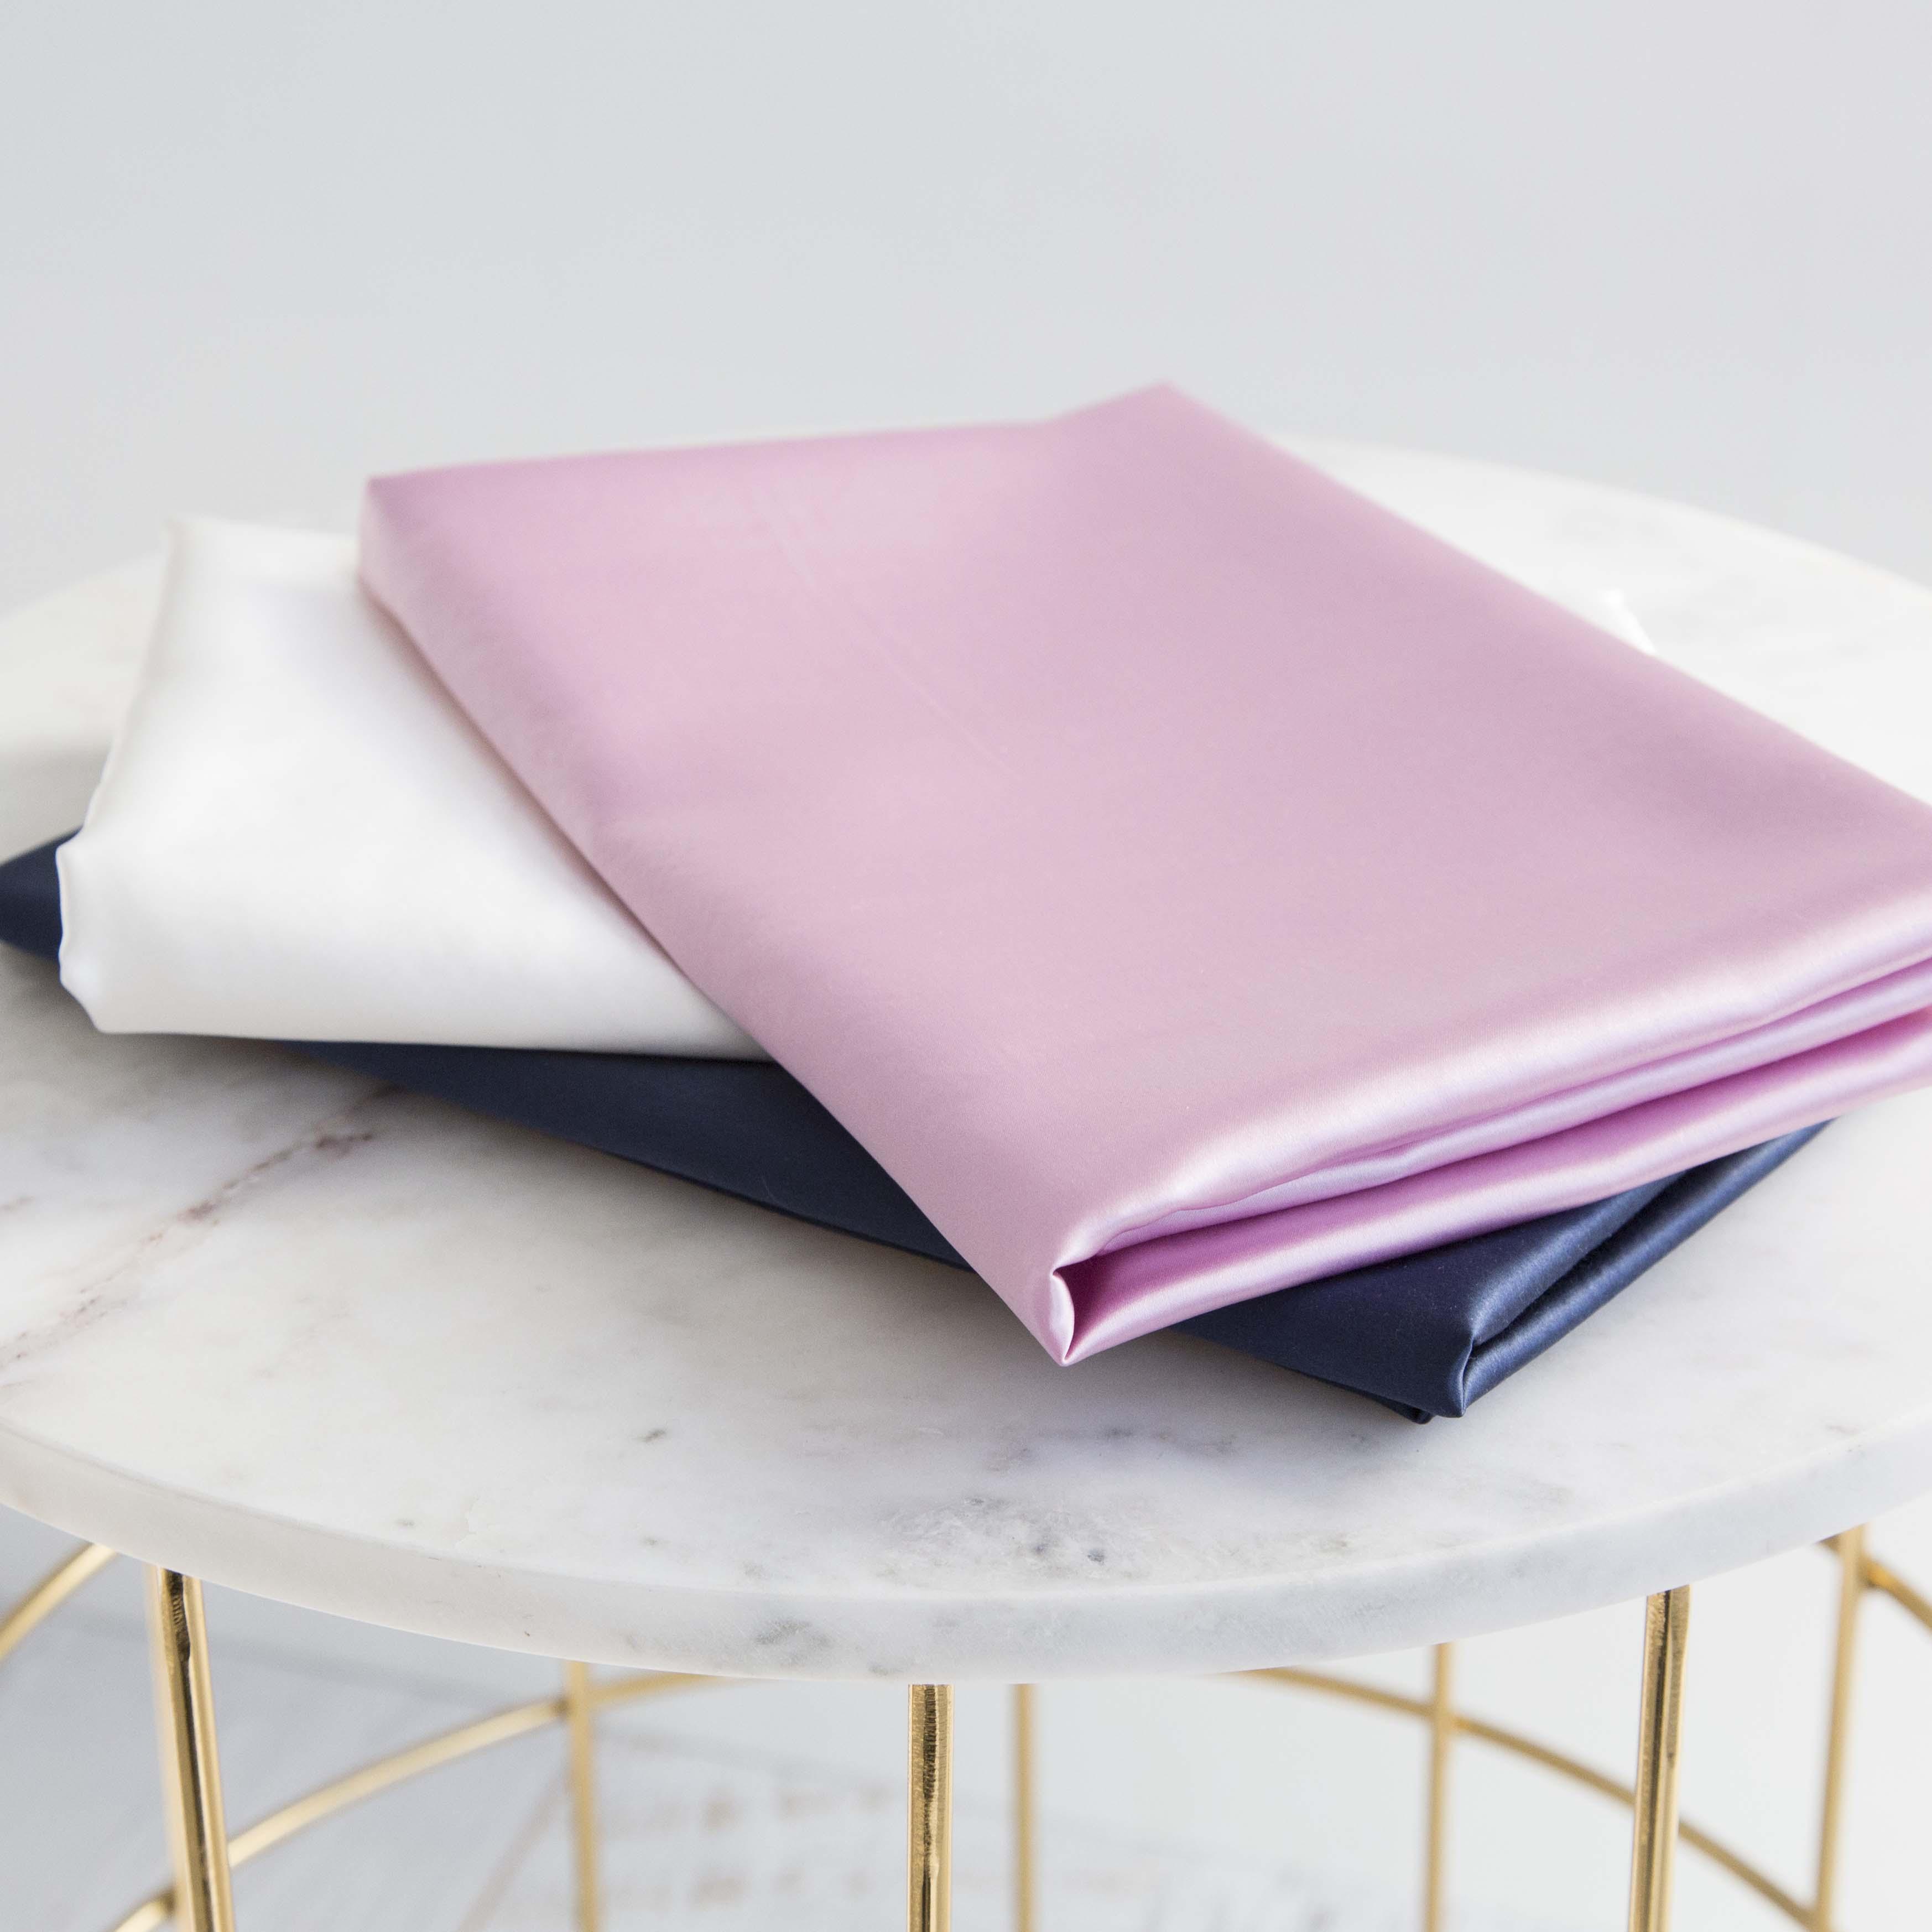 Beautysilks Silk Pillow Cases - Canningvale